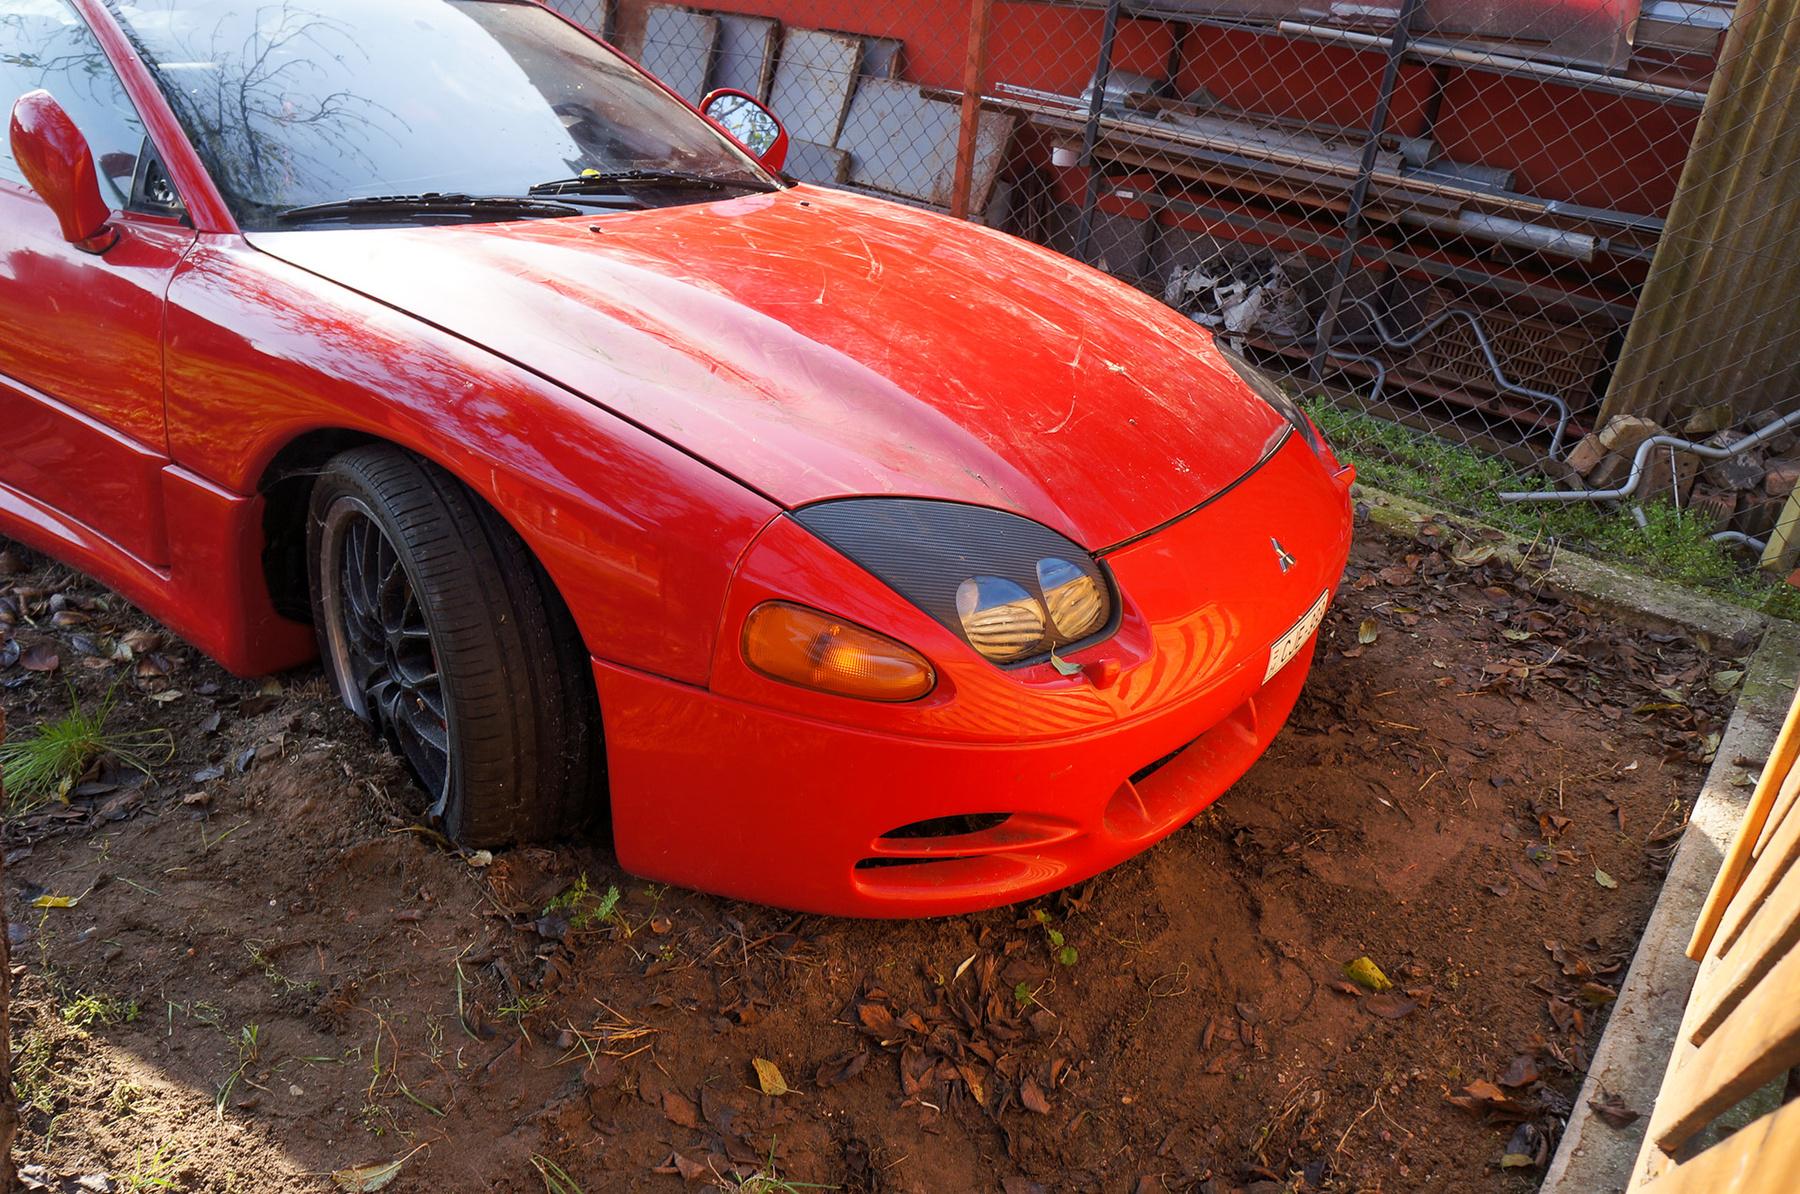 Egy másik, szerelés alatt álló autó, egy Maserati áll kint a műhely udvarán. Hátsó oldalablaka hiányzik, az utastérben bedobált alkatrészek láthatók. Ezt a fotót Márk készítette, amikor elment megnézni saját autóját Lászlóhoz